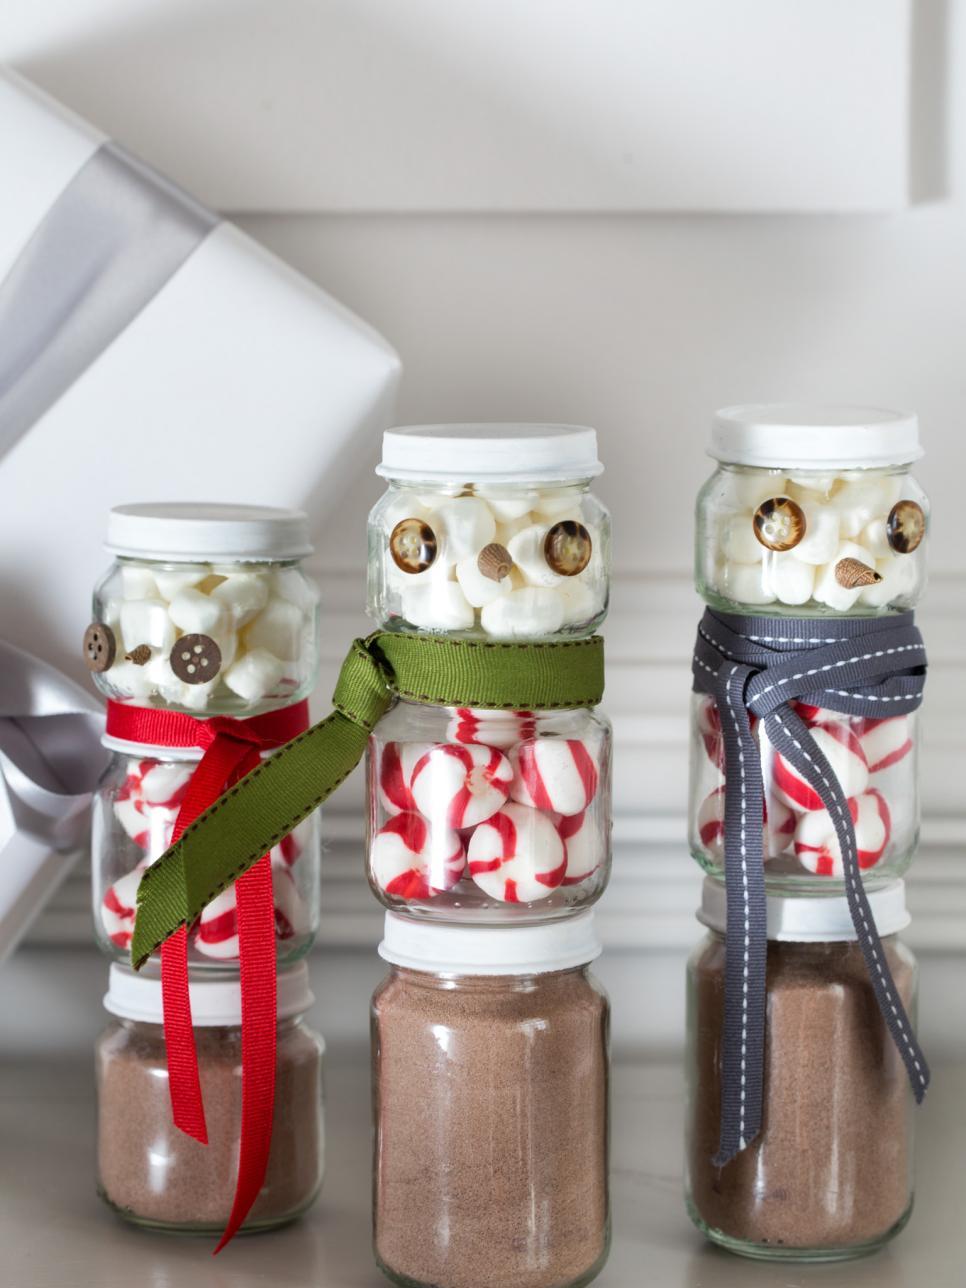 Geschenke aus der Küche - Heisse Schokolade im Glas